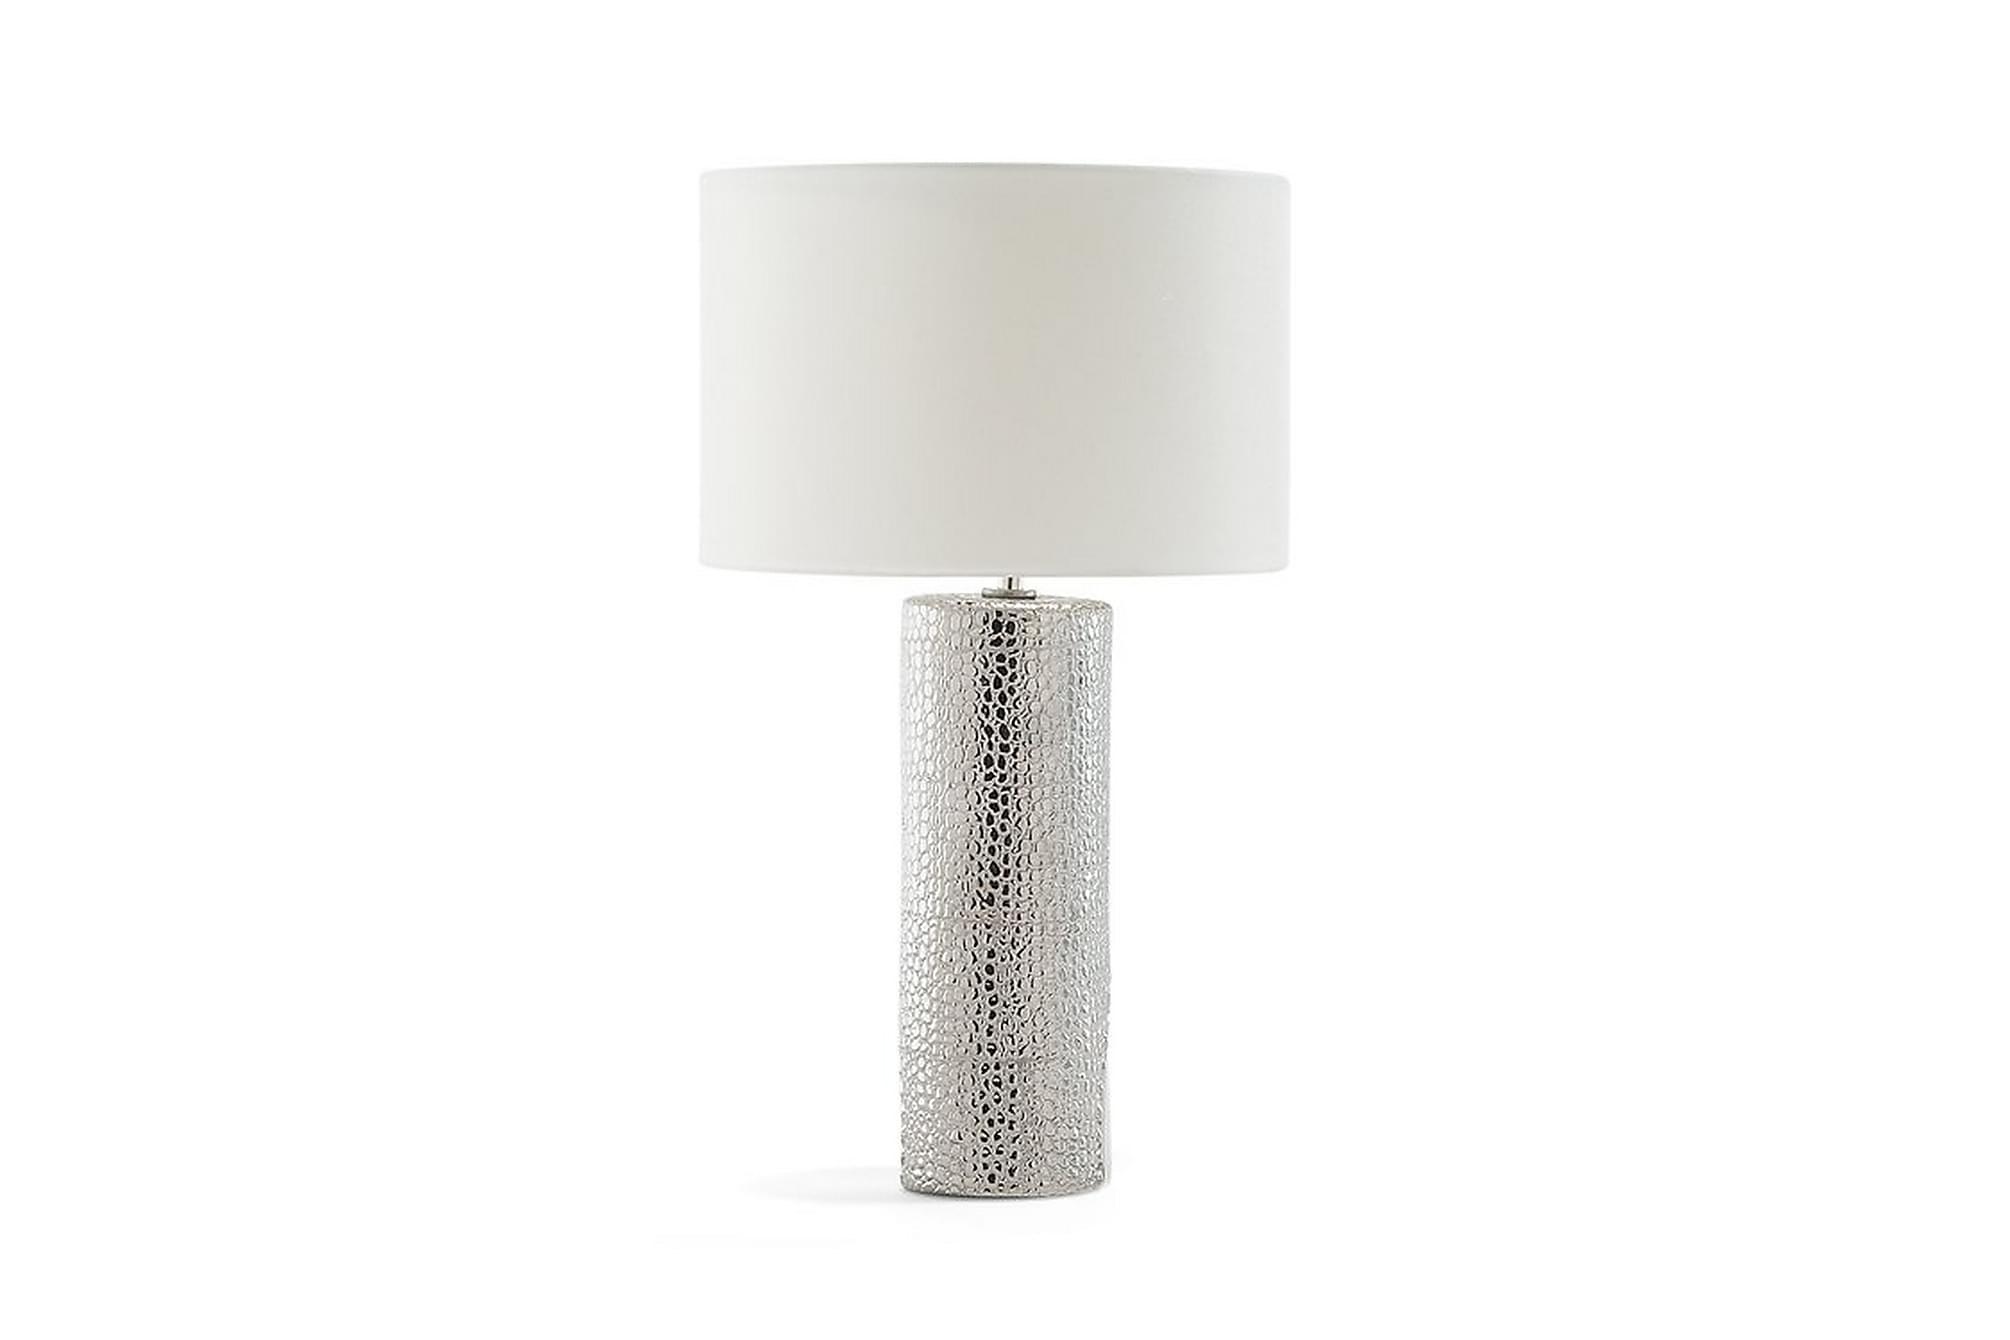 AIKEN Bordslampa 30 cm, Bordslampor